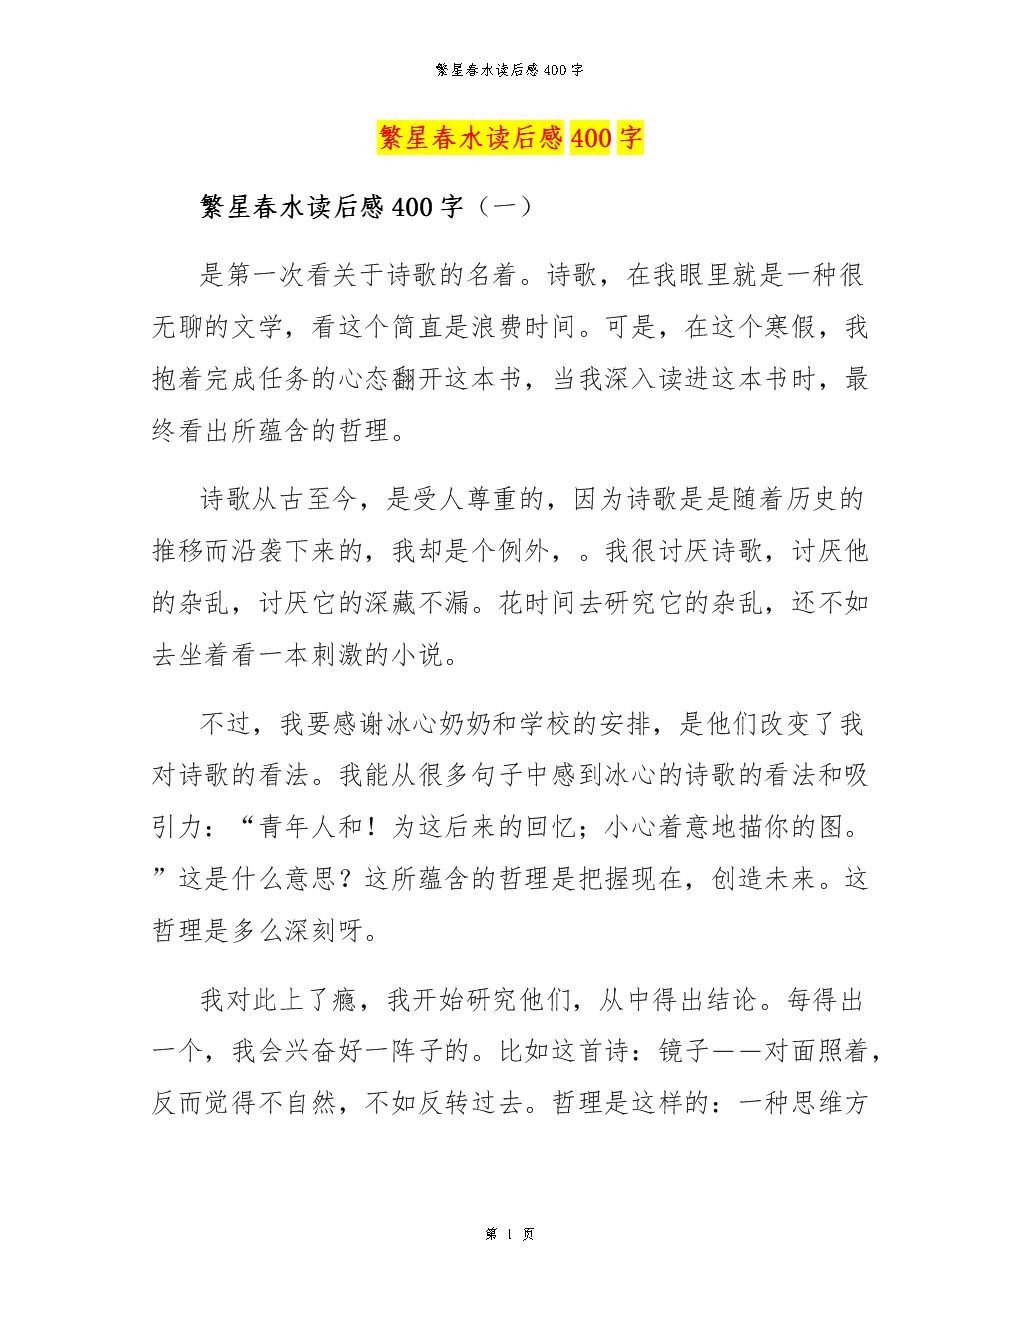 繁星春水摘抄傺-c���_繁星春水读后感400字.docx